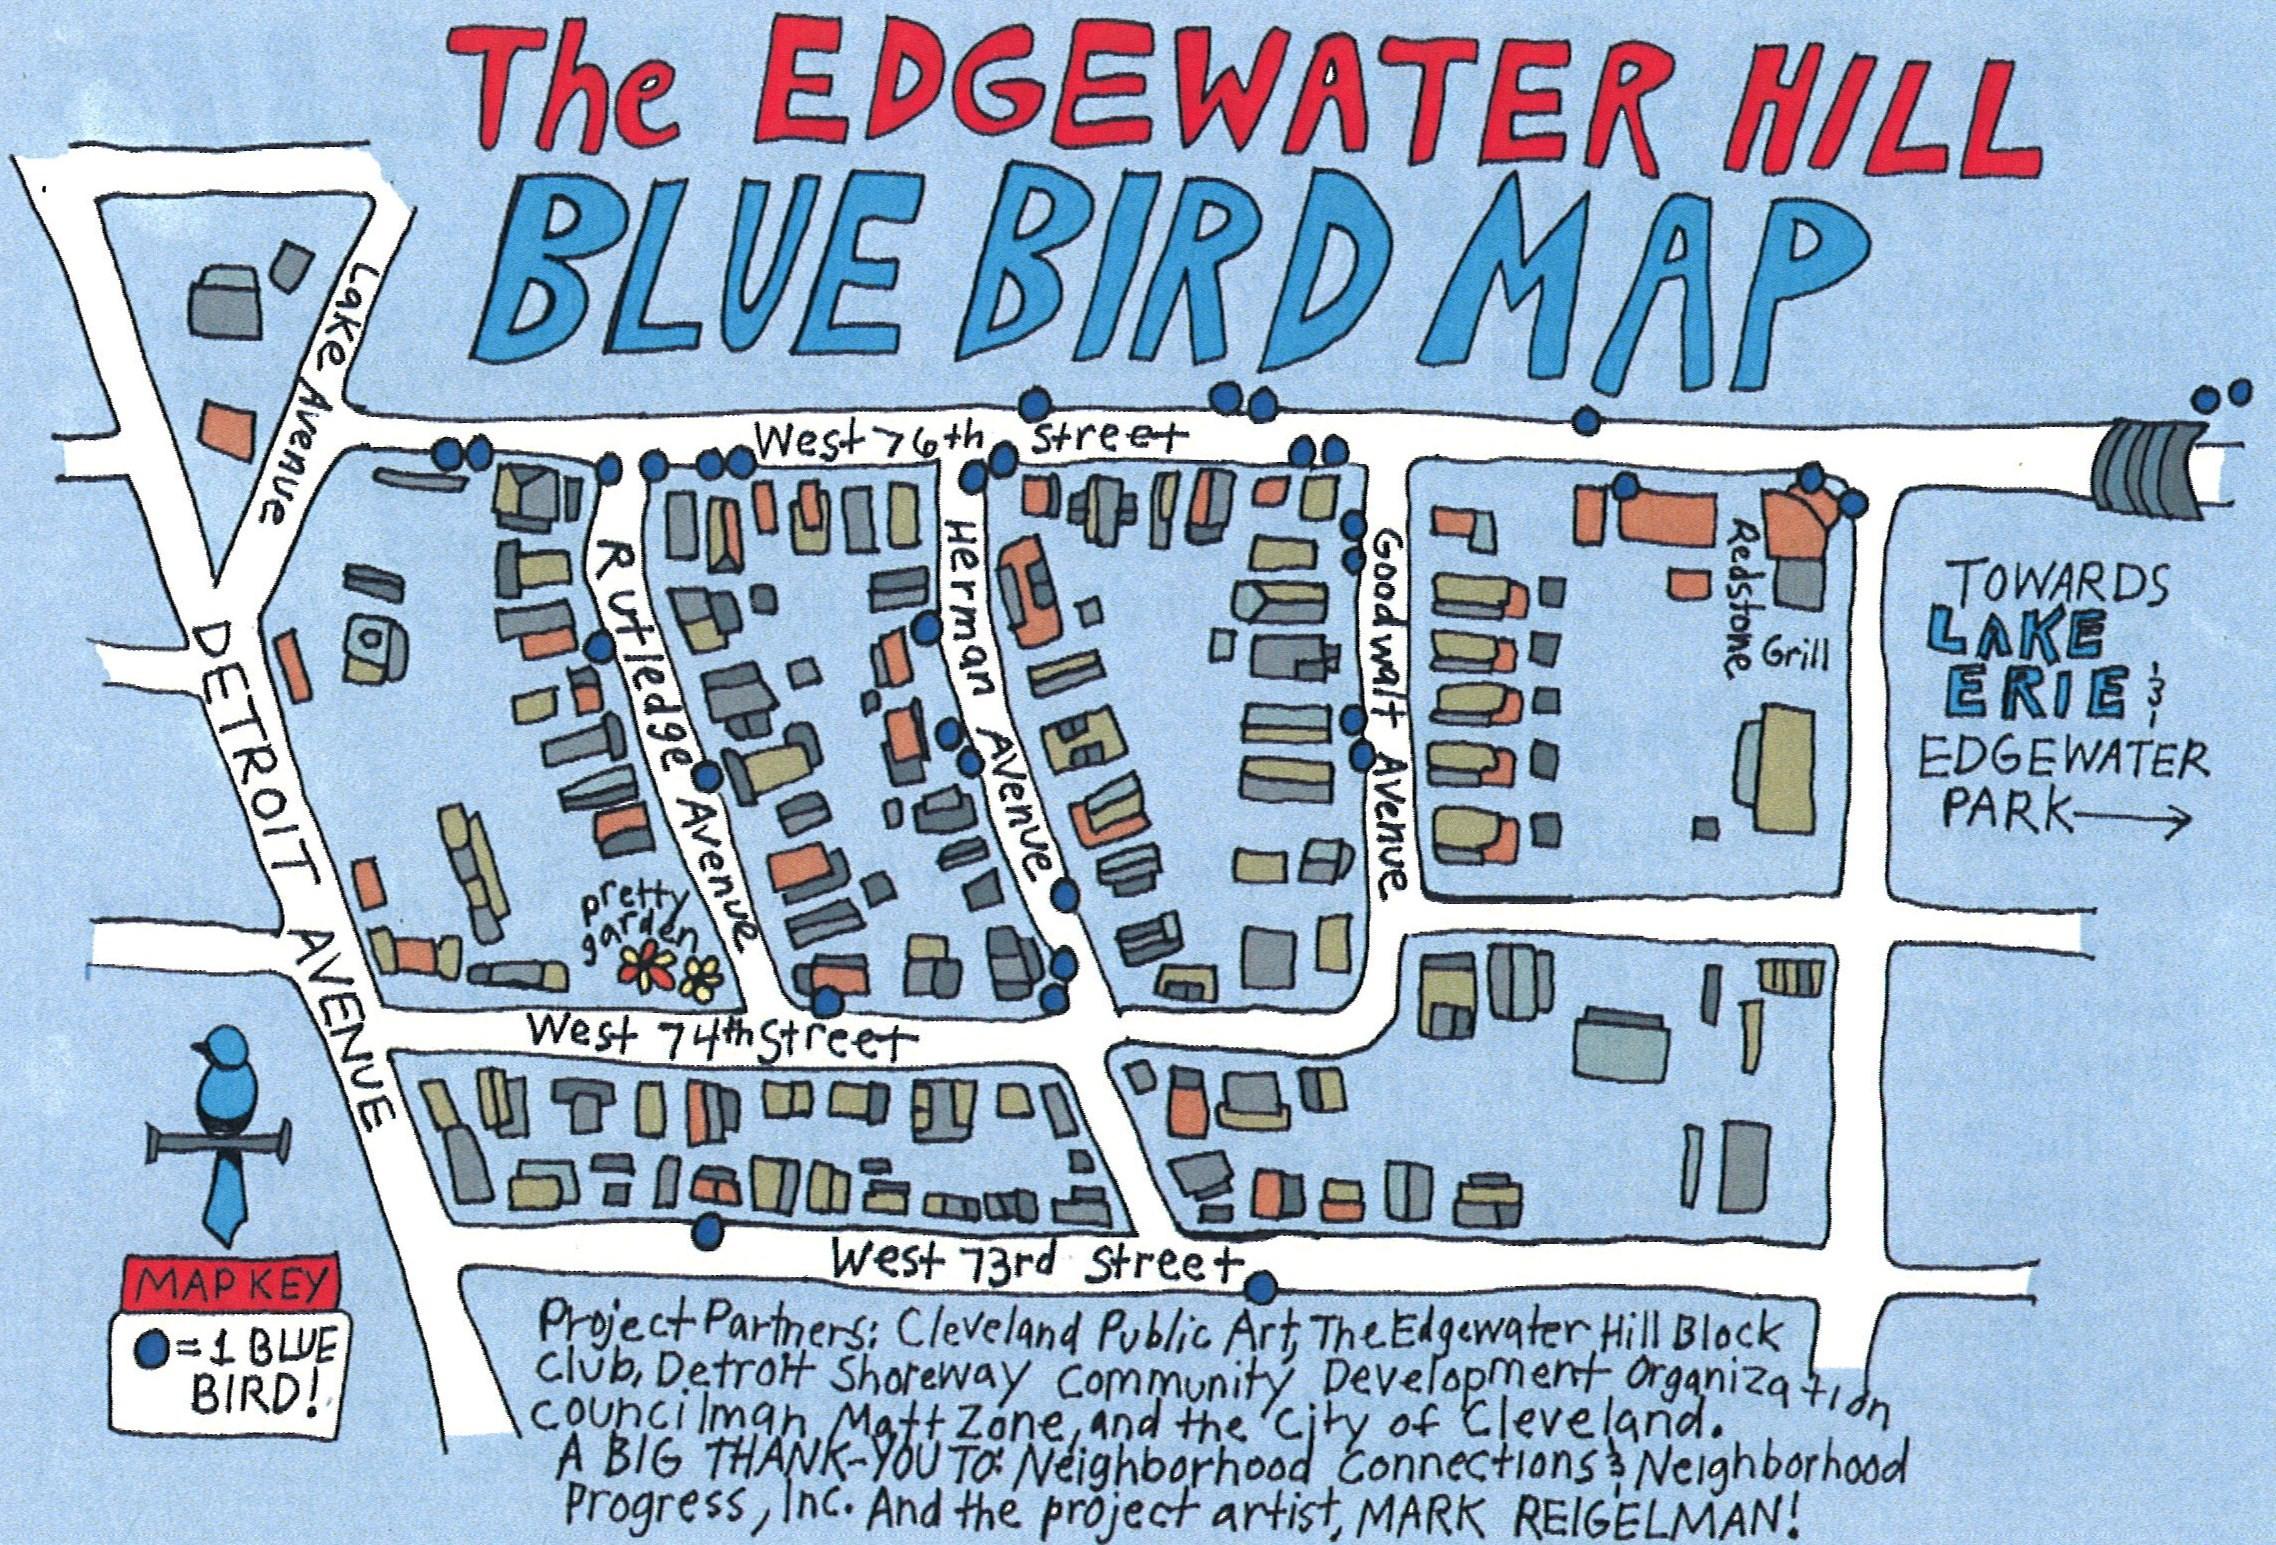 BlueBird_Map.jpg